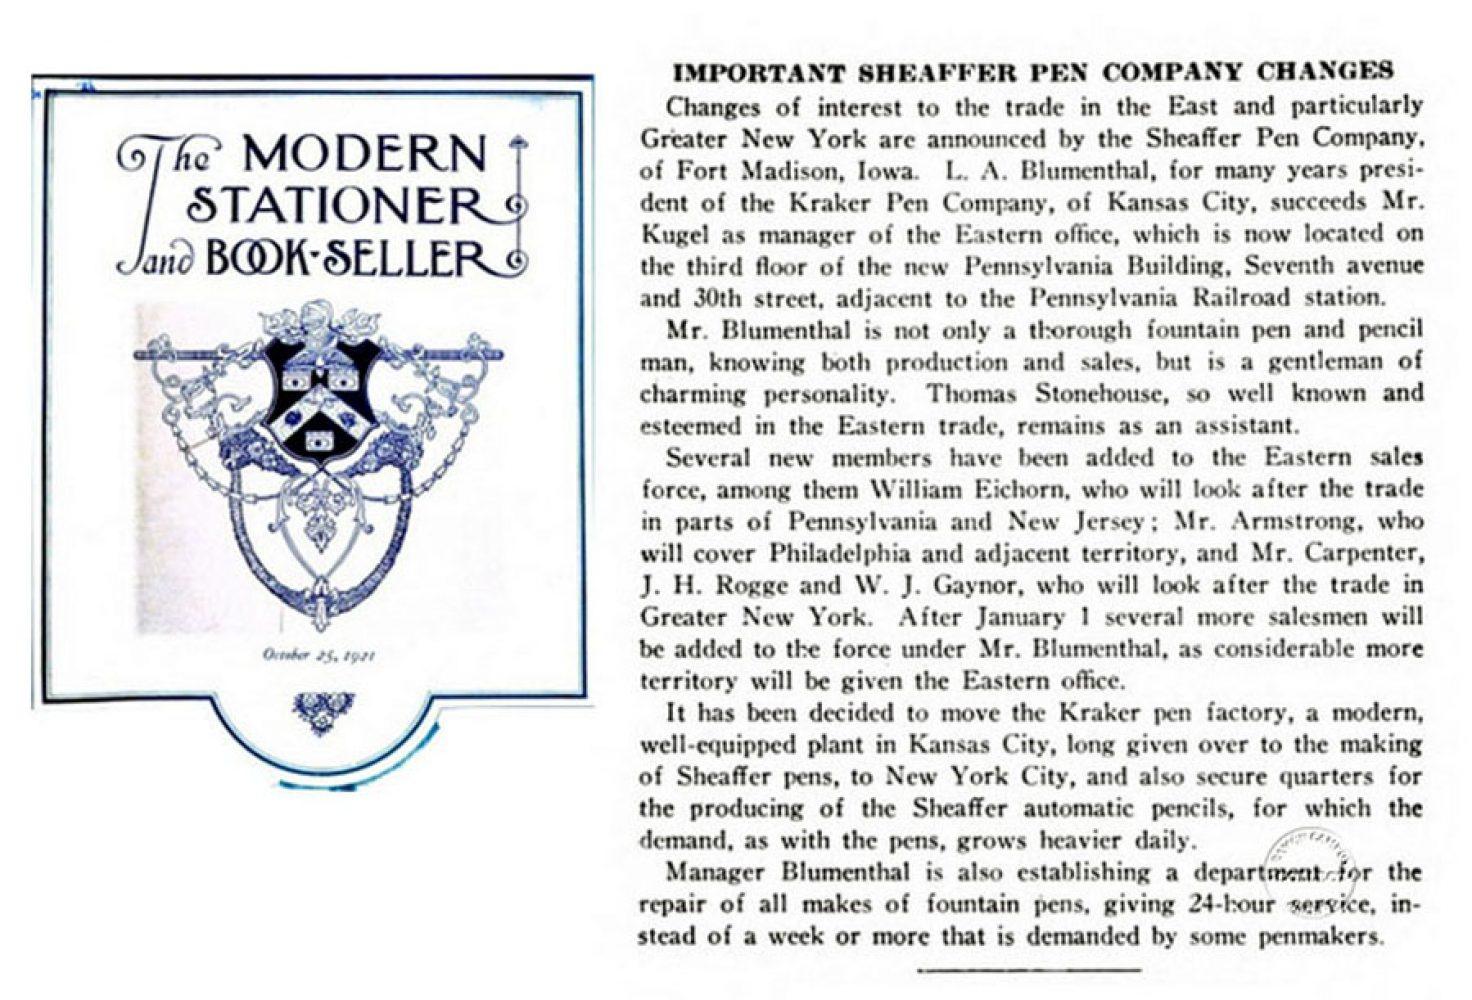 1921 10 25 Sheaffer emplea a Blumenthal (enemigo) conforme su Biografia